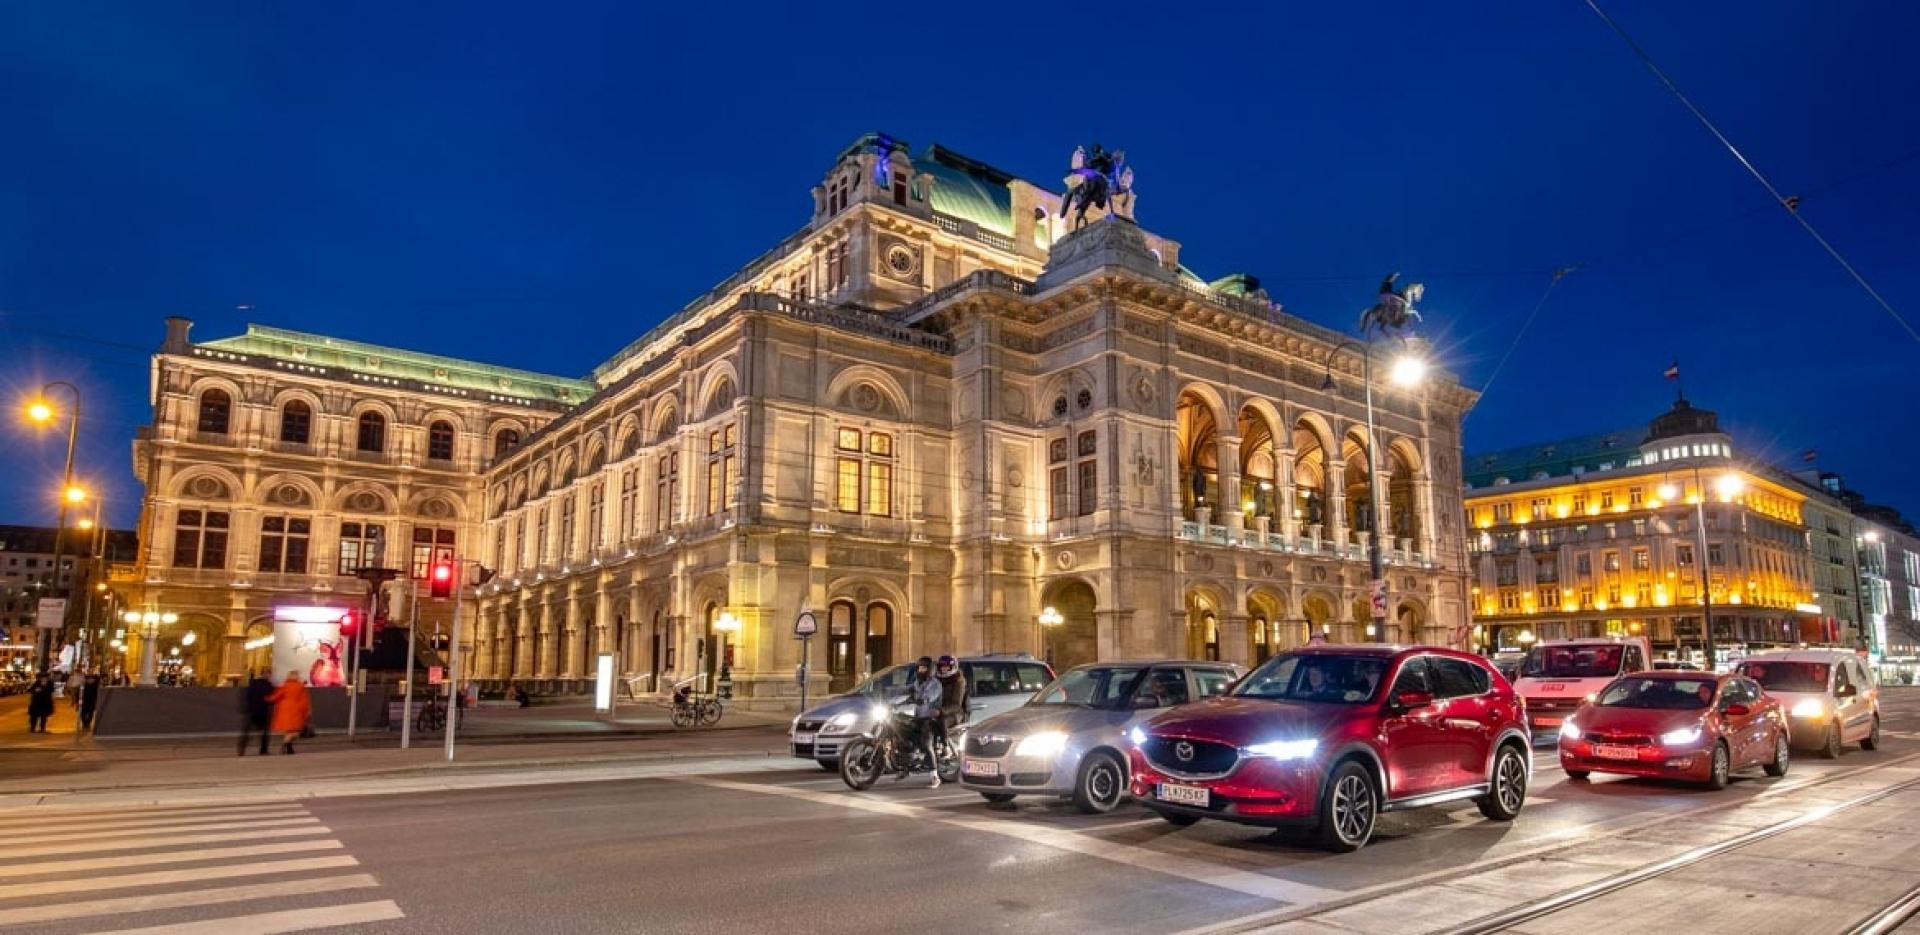 Fotowochenende Wien - Klassik trifft Moderne - Canon Academy Landschaft- und Reise